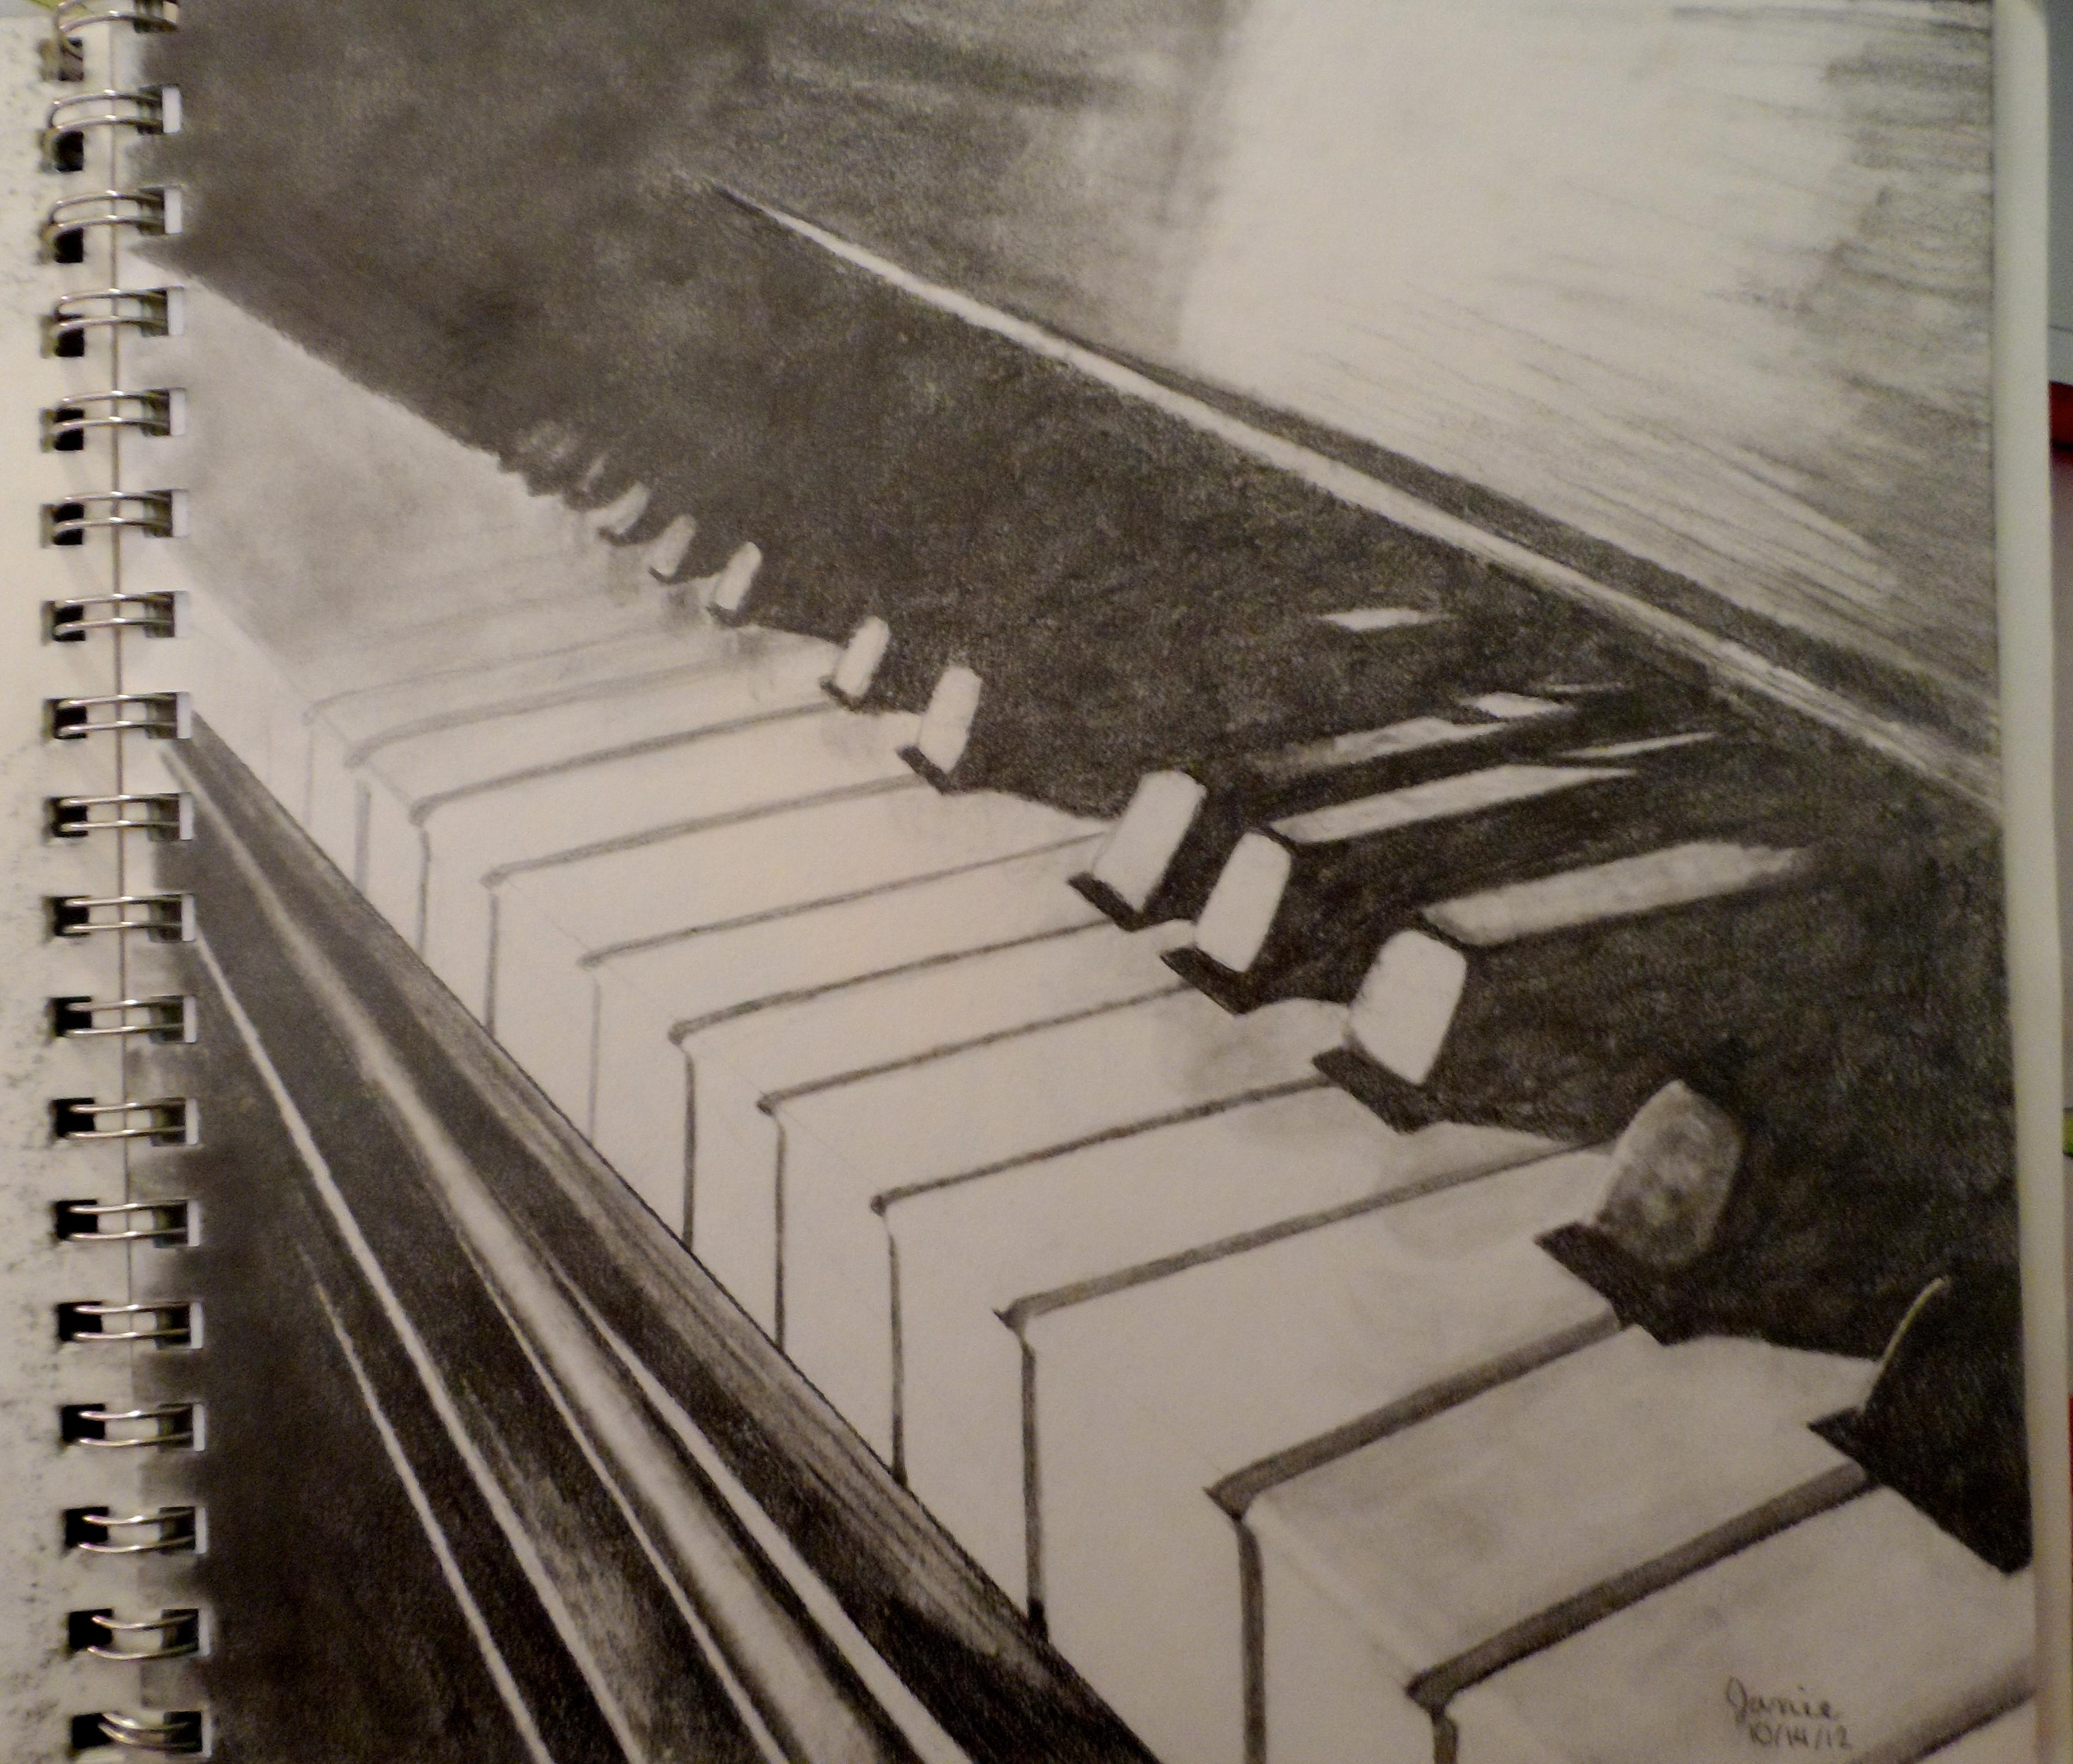 Drawn musician pencil drawing #drawing pencil drawing drawing #piano